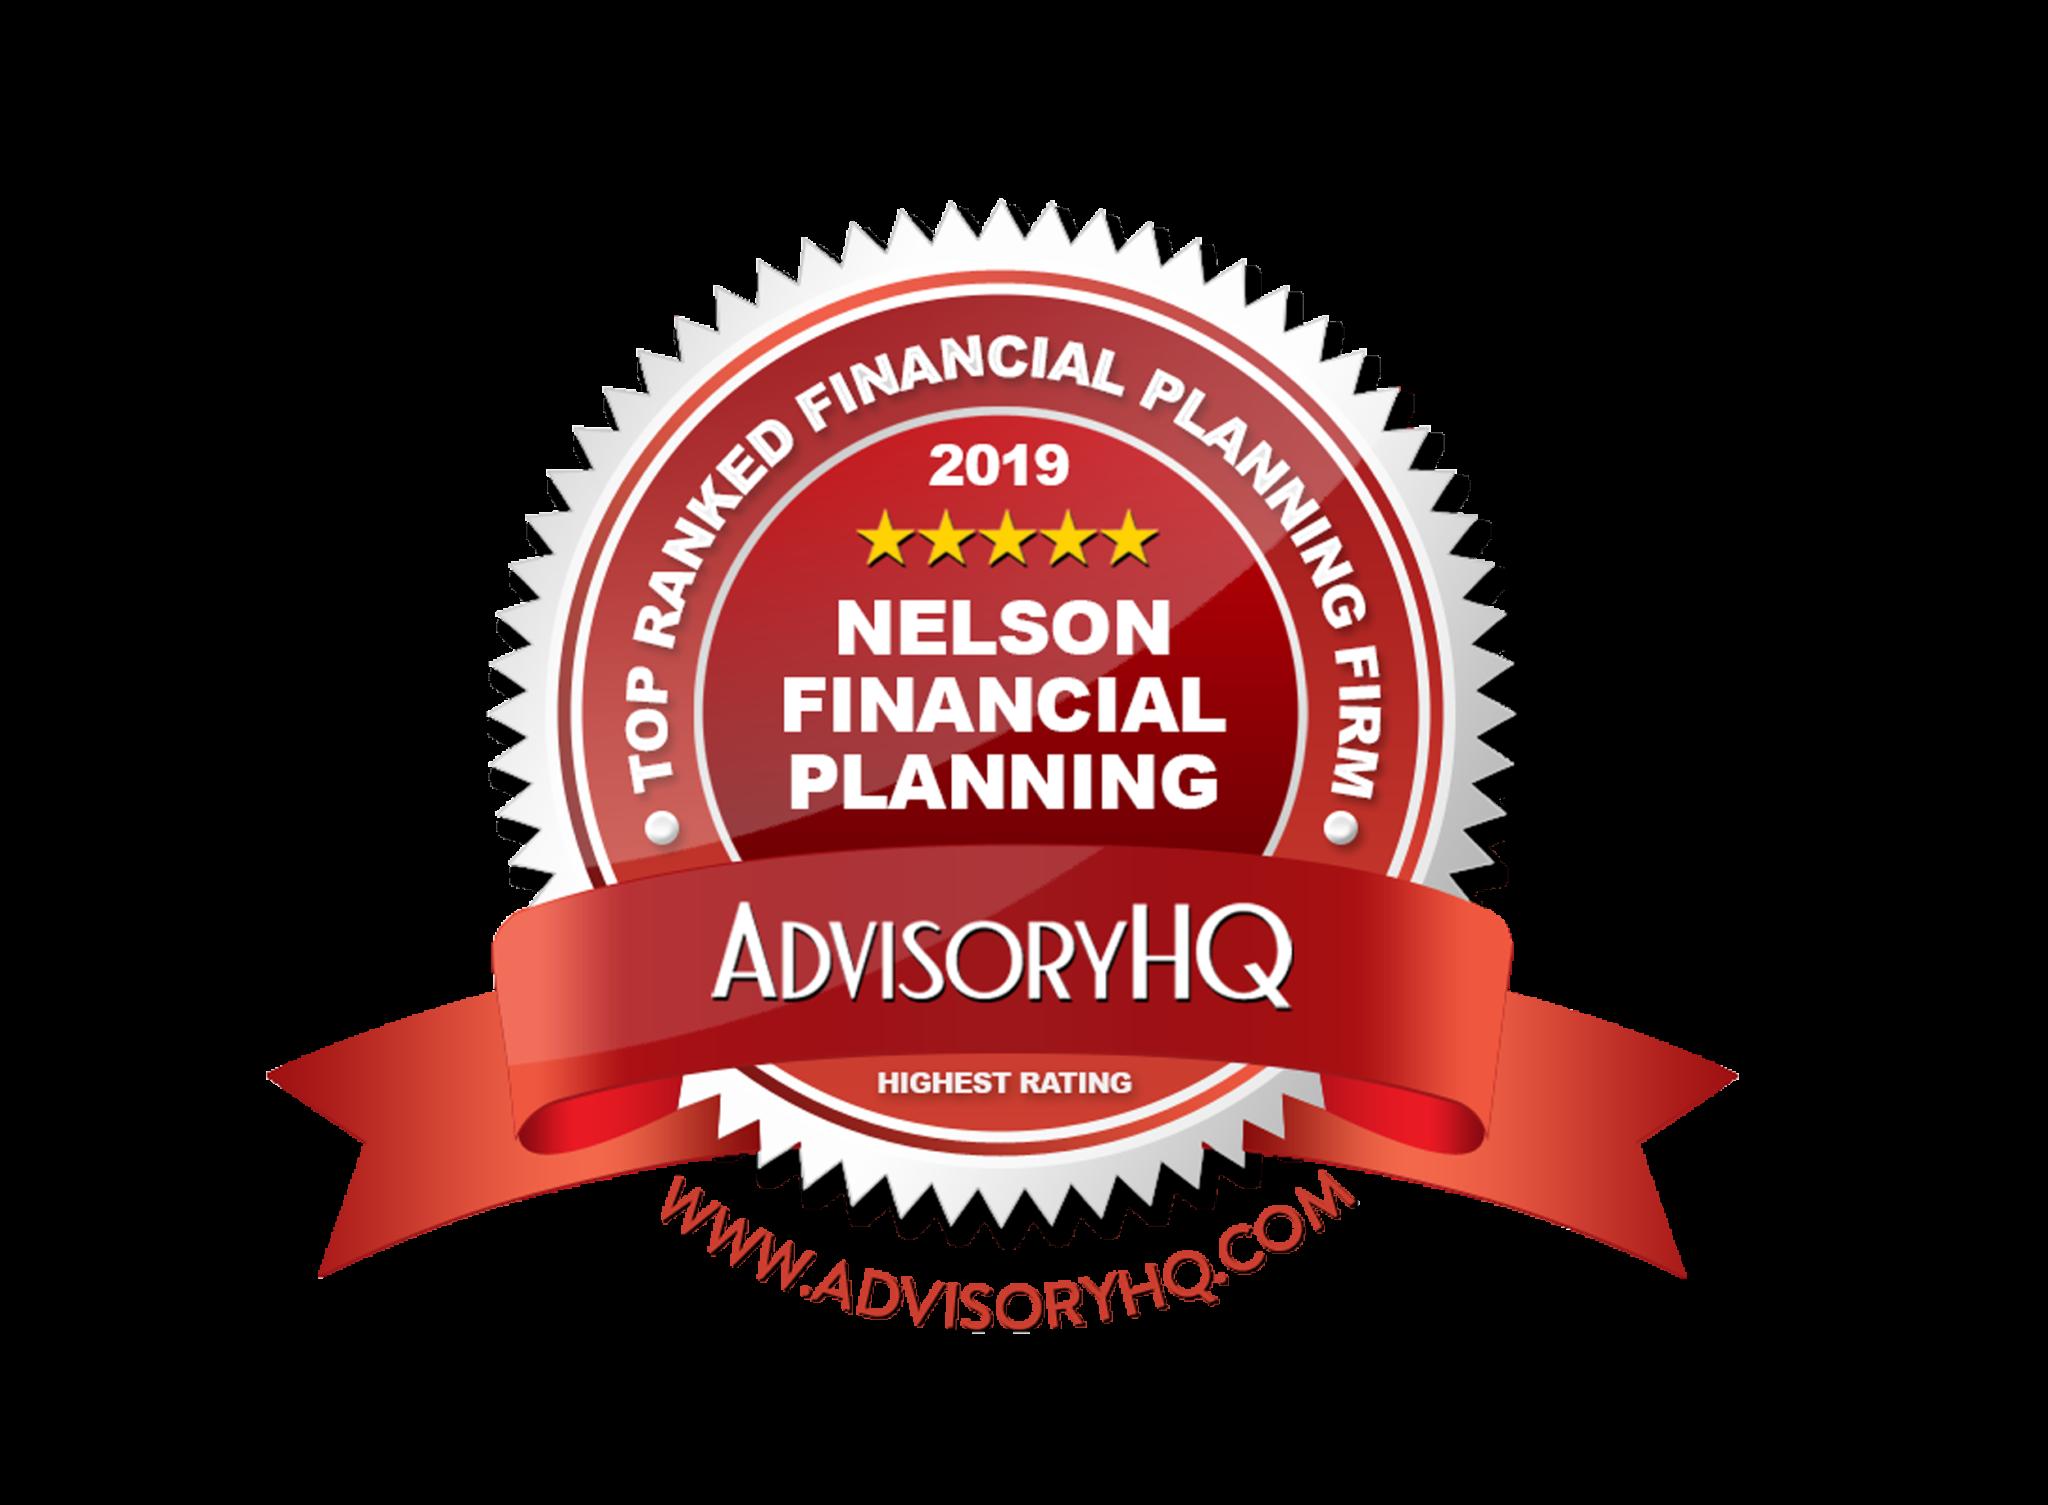 Nelson Financial Planning 2017 AdvisoryHQ Reward